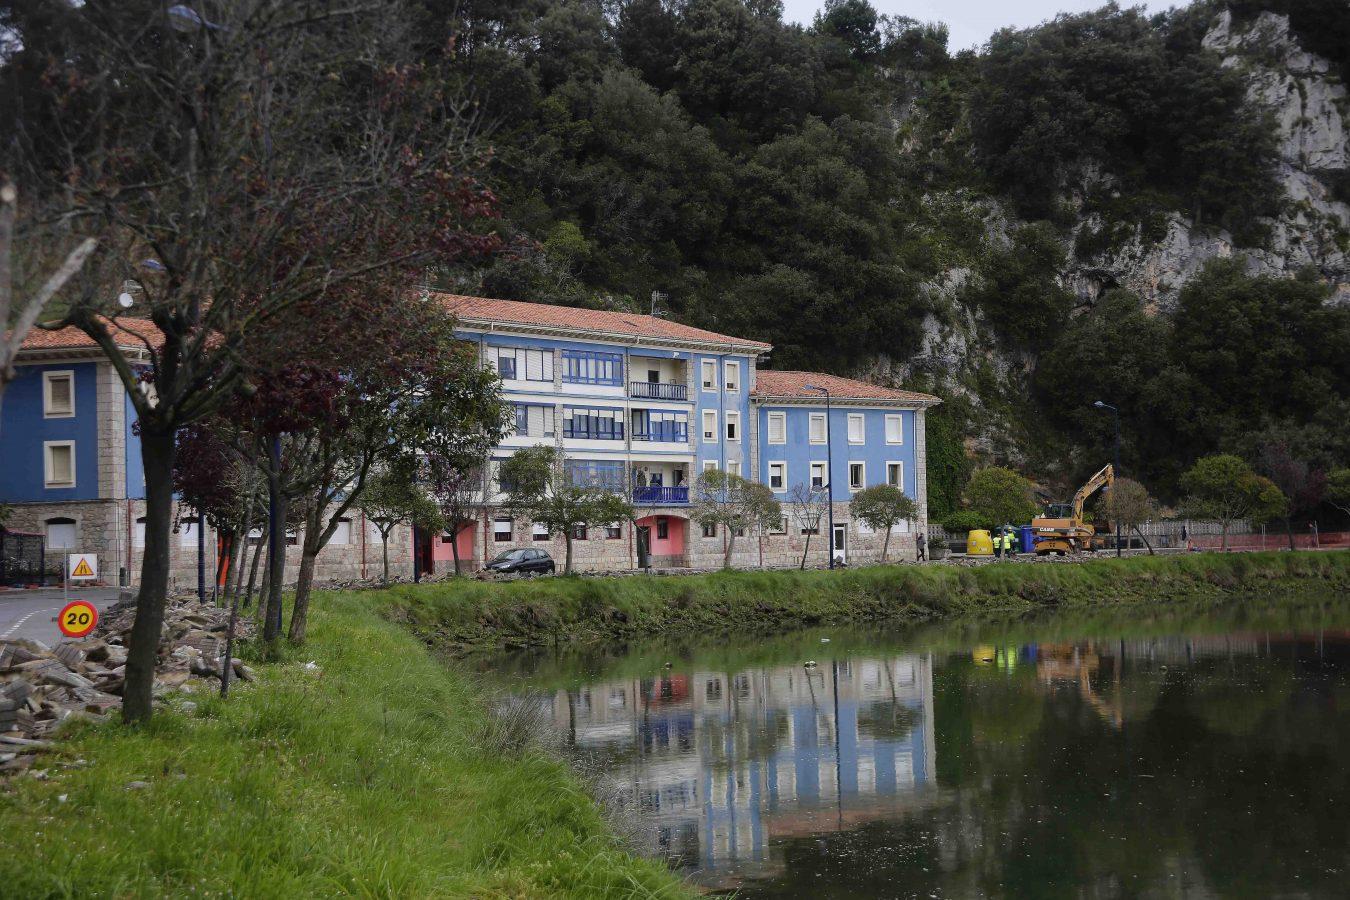 Los riosellanos barrios de La Cuesta y El Tocote quieren un plan de eficiencia energética similar al de El Cobayu